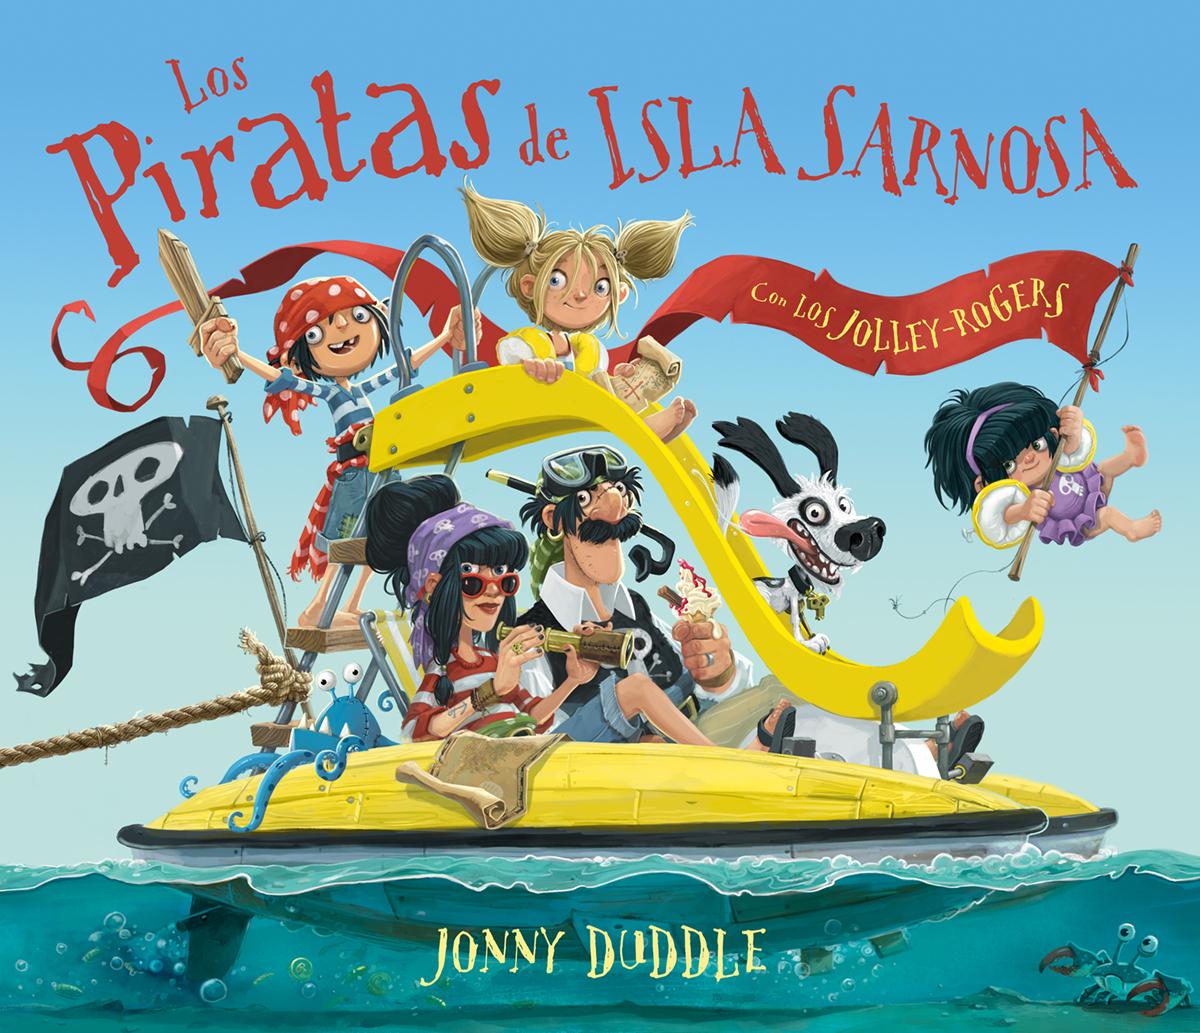 Los piratas de Isla Sarnosa